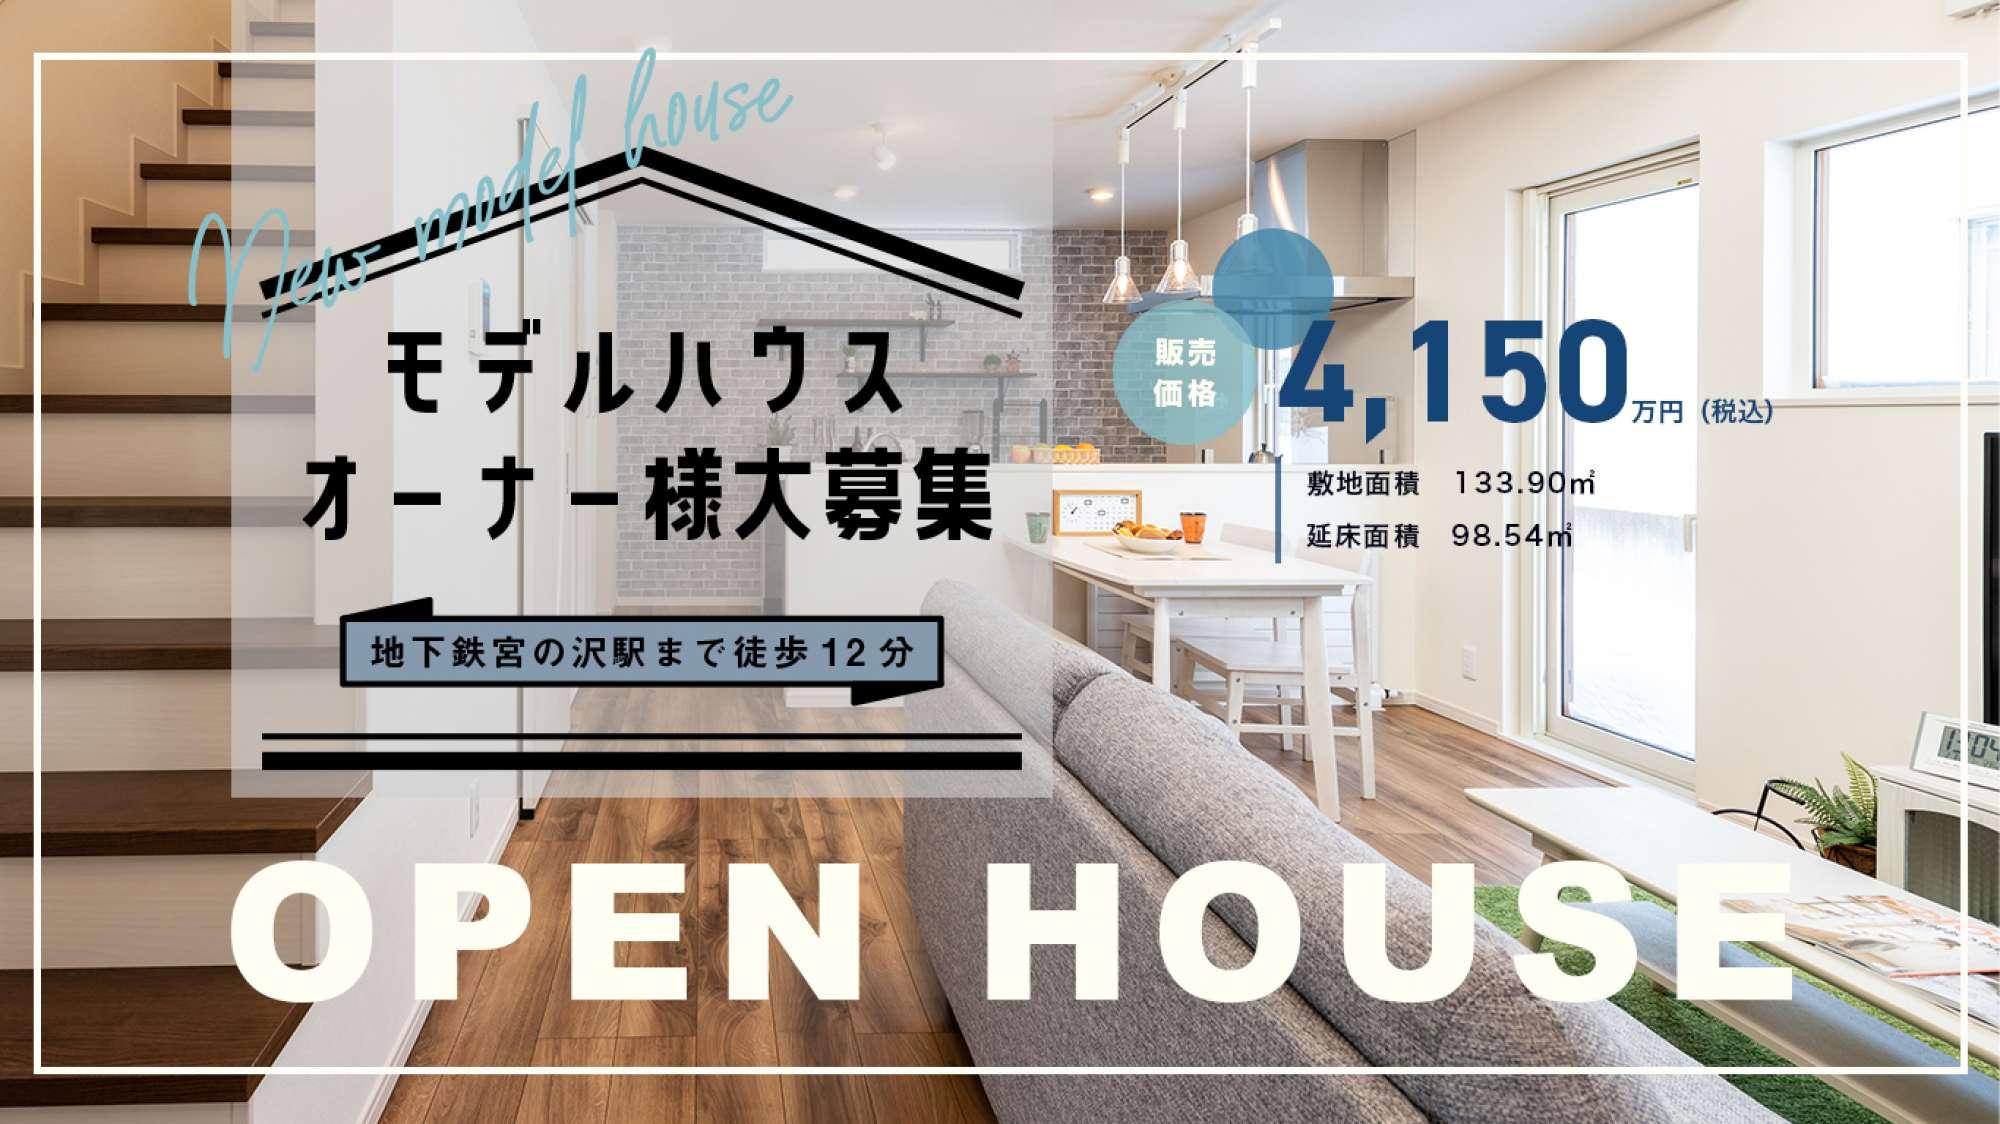 4/17-18(土日),24-25(土日)モデルハウス見学会in札幌市西区西野1条7丁目 -